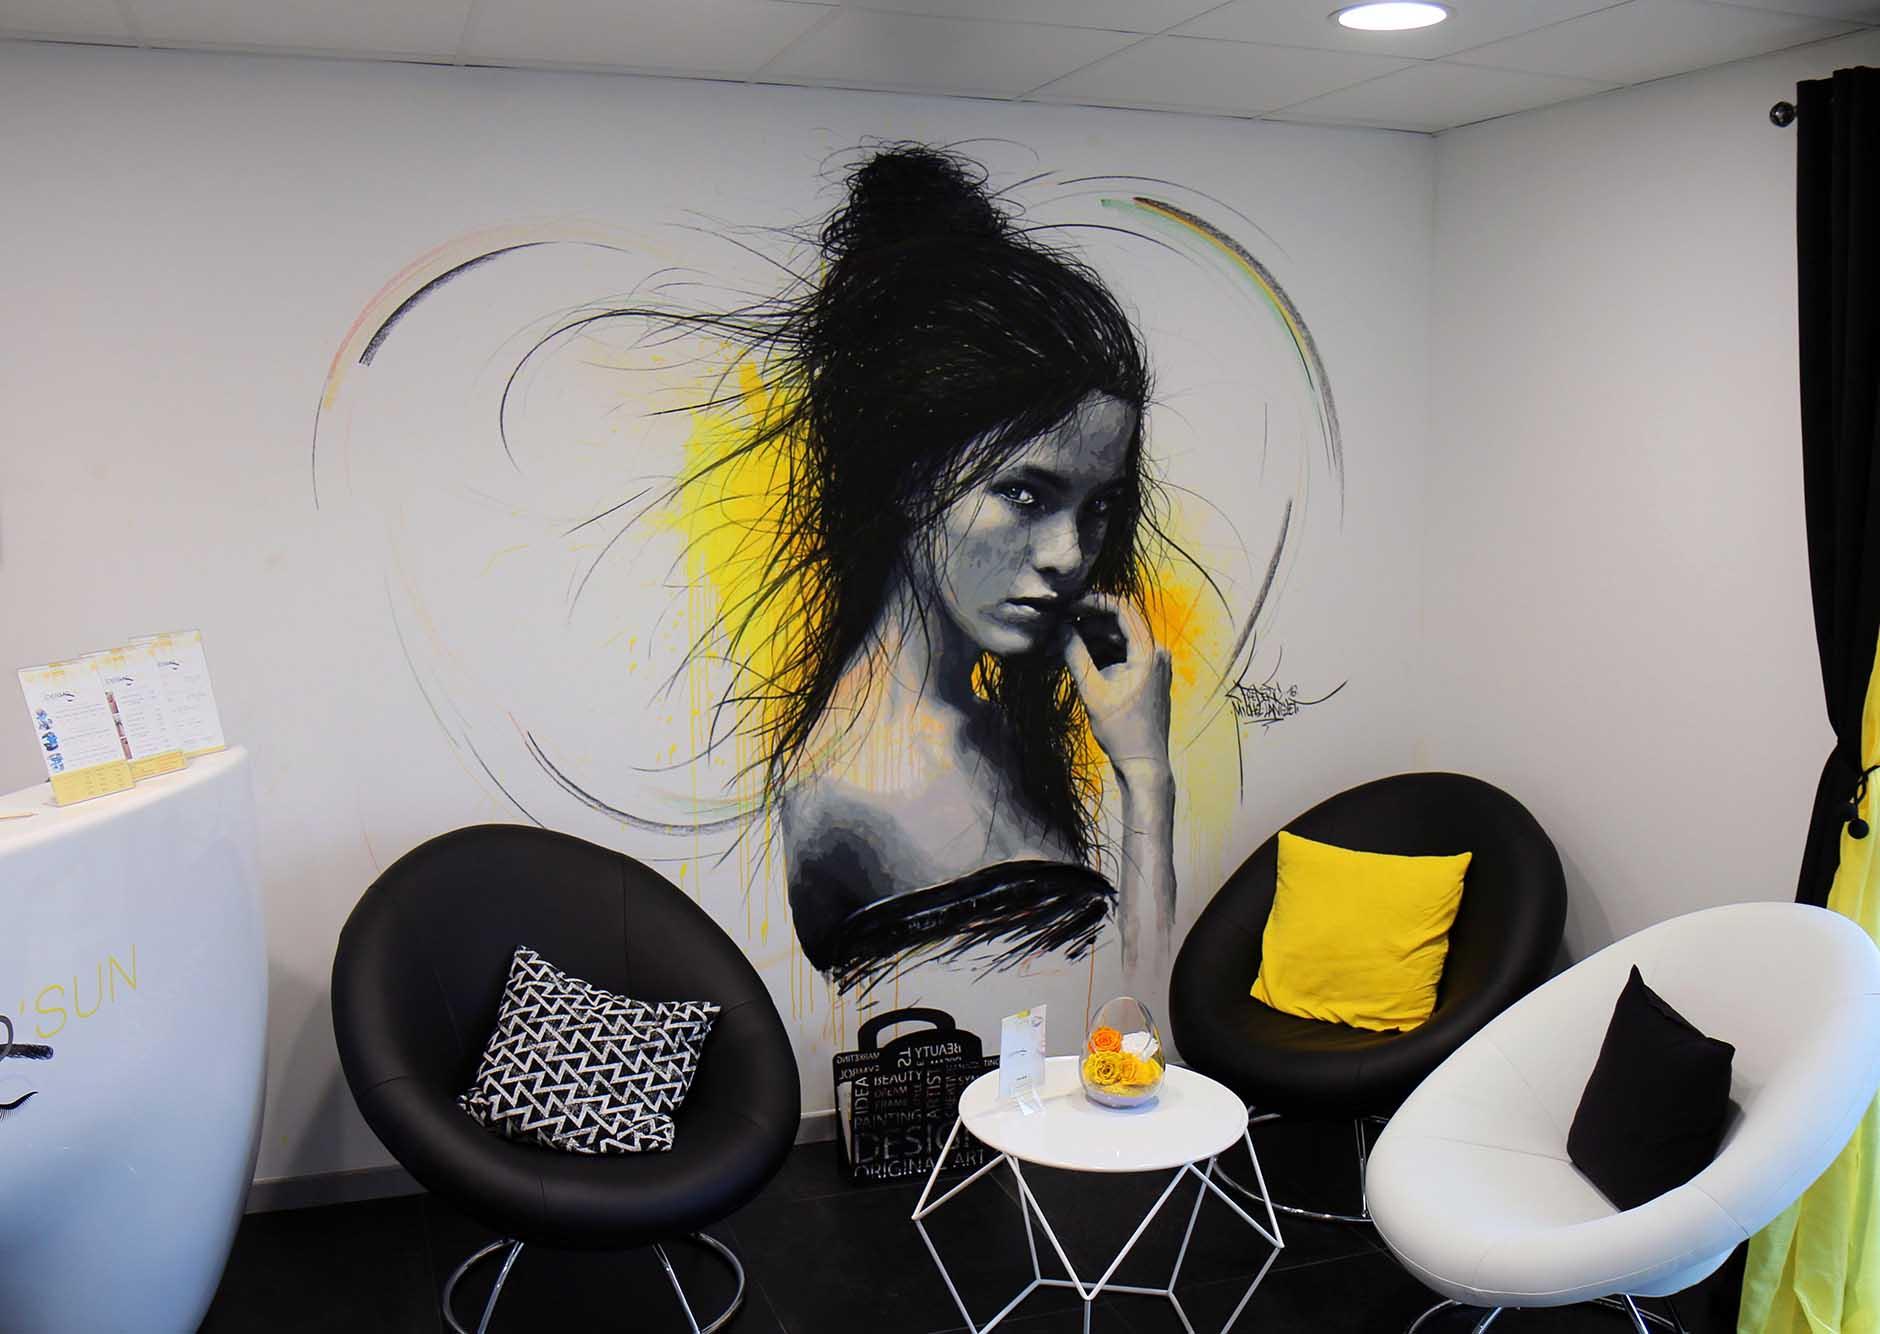 Fresque du cabinet DERMO'sun réalisée par frédéric michel-langlet